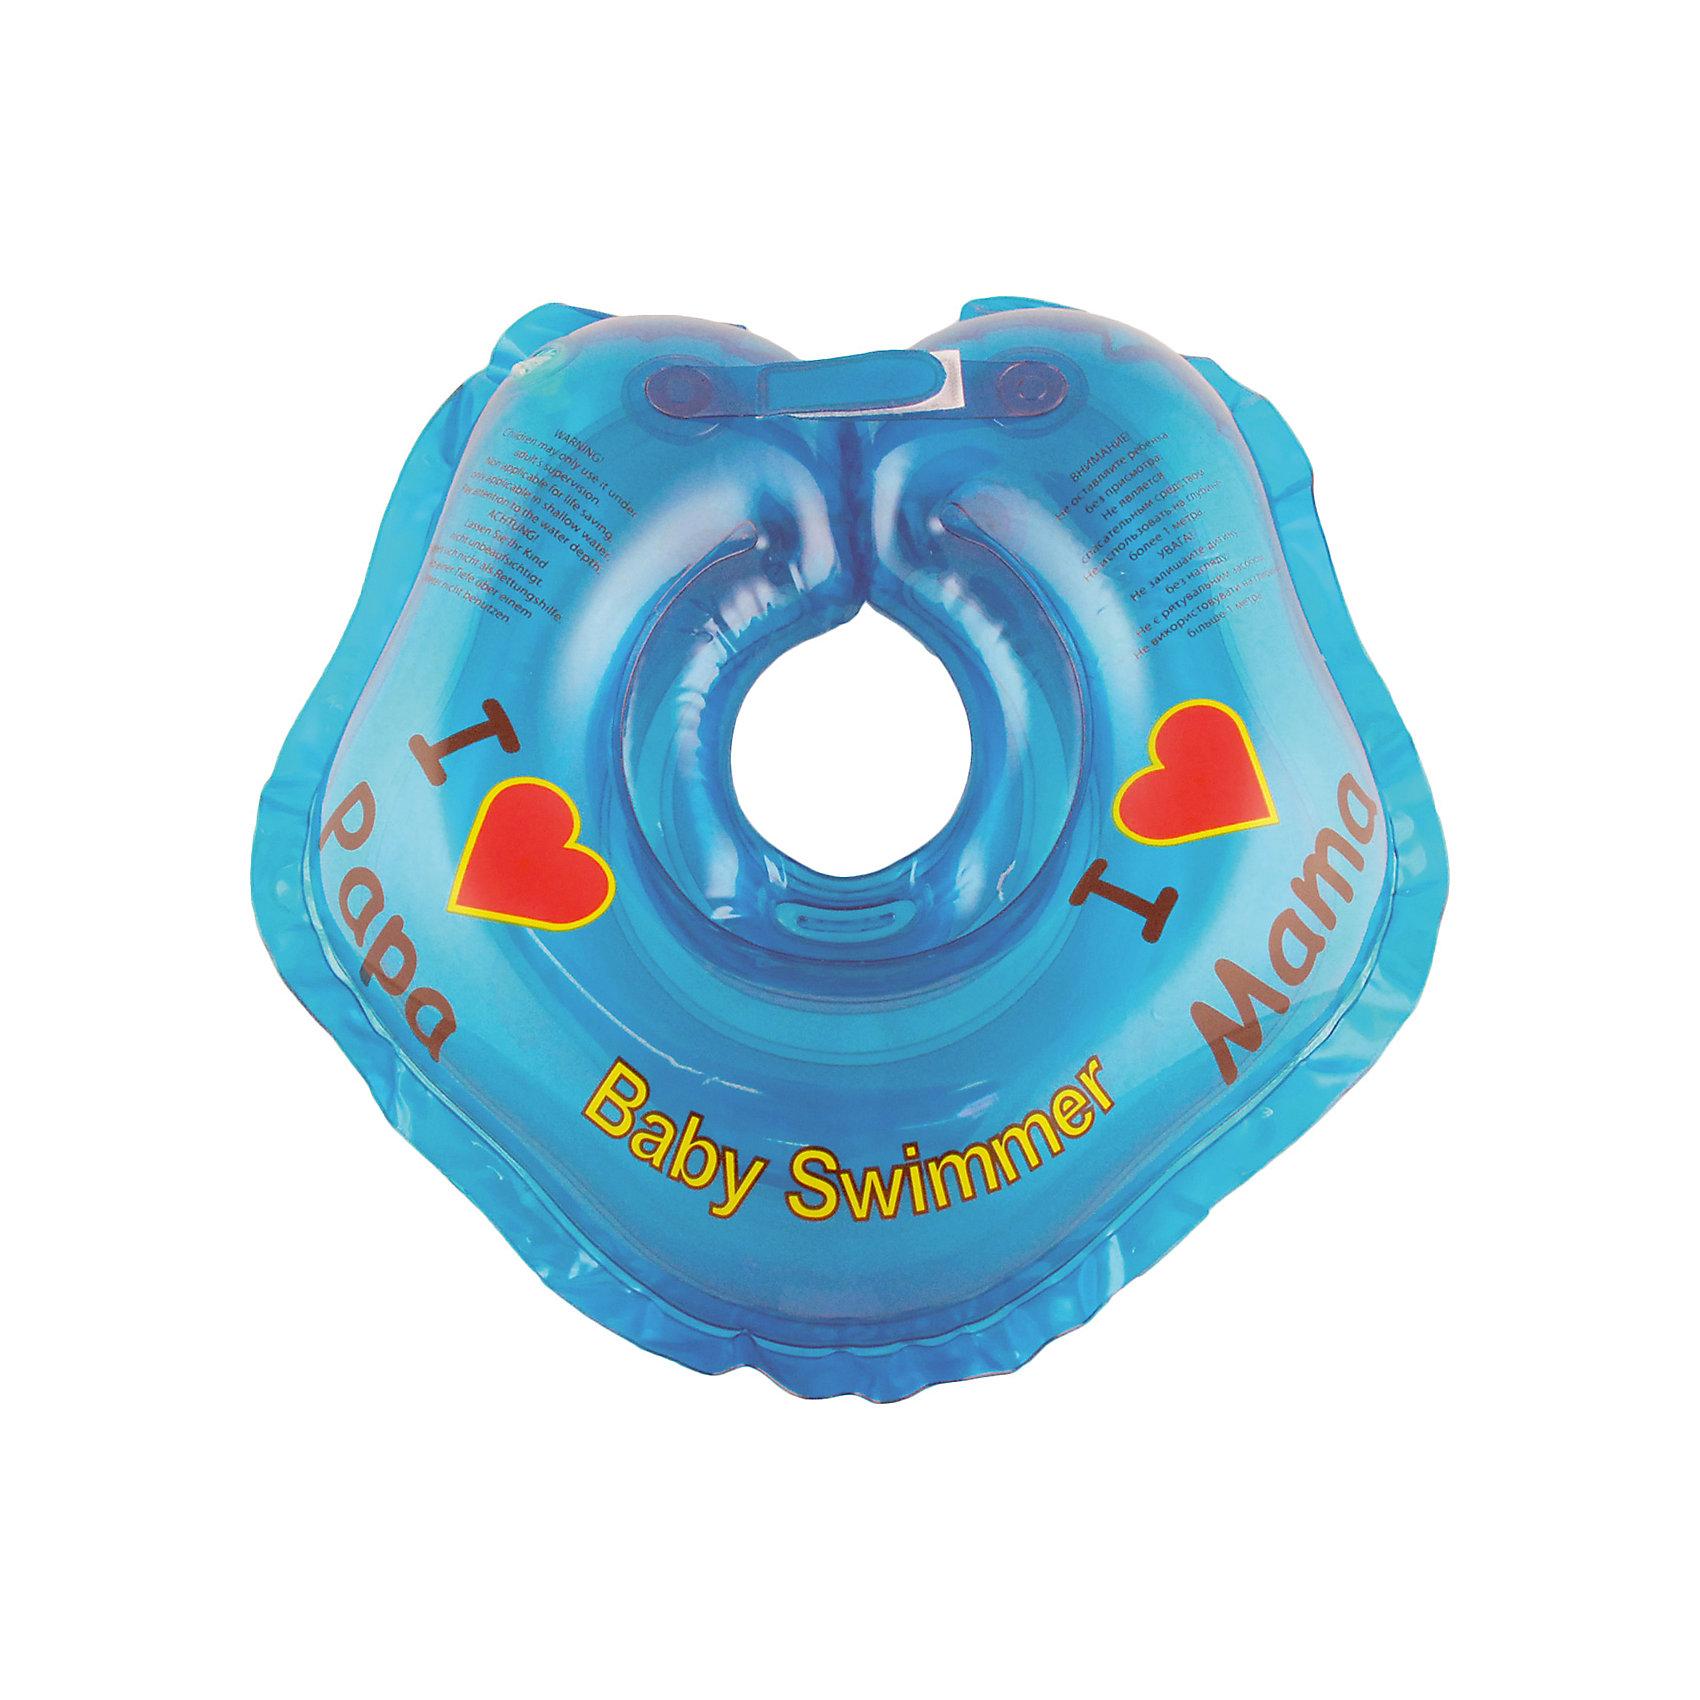 Круг для купания BabySwimmer, голубойКруги для купания малыша<br>Купание младенца - ответственное и важное занятие. Круг для купания Baby Swimmer  обеспечит безопасность процесса, избавит малыша от страха воды и сделает водные процедуры веселой игрой. У круга есть устройство, поддерживающее подбородок, что позволит избежать проглатывание воды малышом. У круга яркие цвета, необычный дизайн и веселые картинки по бокам, которые понравится всем детям. Все материалы, использованные при разработке и изготовлении круга для купания безопасны для использования, отвечают всем требованиям экологичности и качества детских товаров, а так же гипоаллергенны.<br><br>Дополнительная информация:<br><br>модель: Baby Swimmer;<br>цвет: голубой.<br><br>Круг для купания Baby Swimmer можно приобрести в нашем магазине.<br><br>Ширина мм: 150<br>Глубина мм: 40<br>Высота мм: 150<br>Вес г: 140<br>Возраст от месяцев: 0<br>Возраст до месяцев: 24<br>Пол: Унисекс<br>Возраст: Детский<br>SKU: 4968091